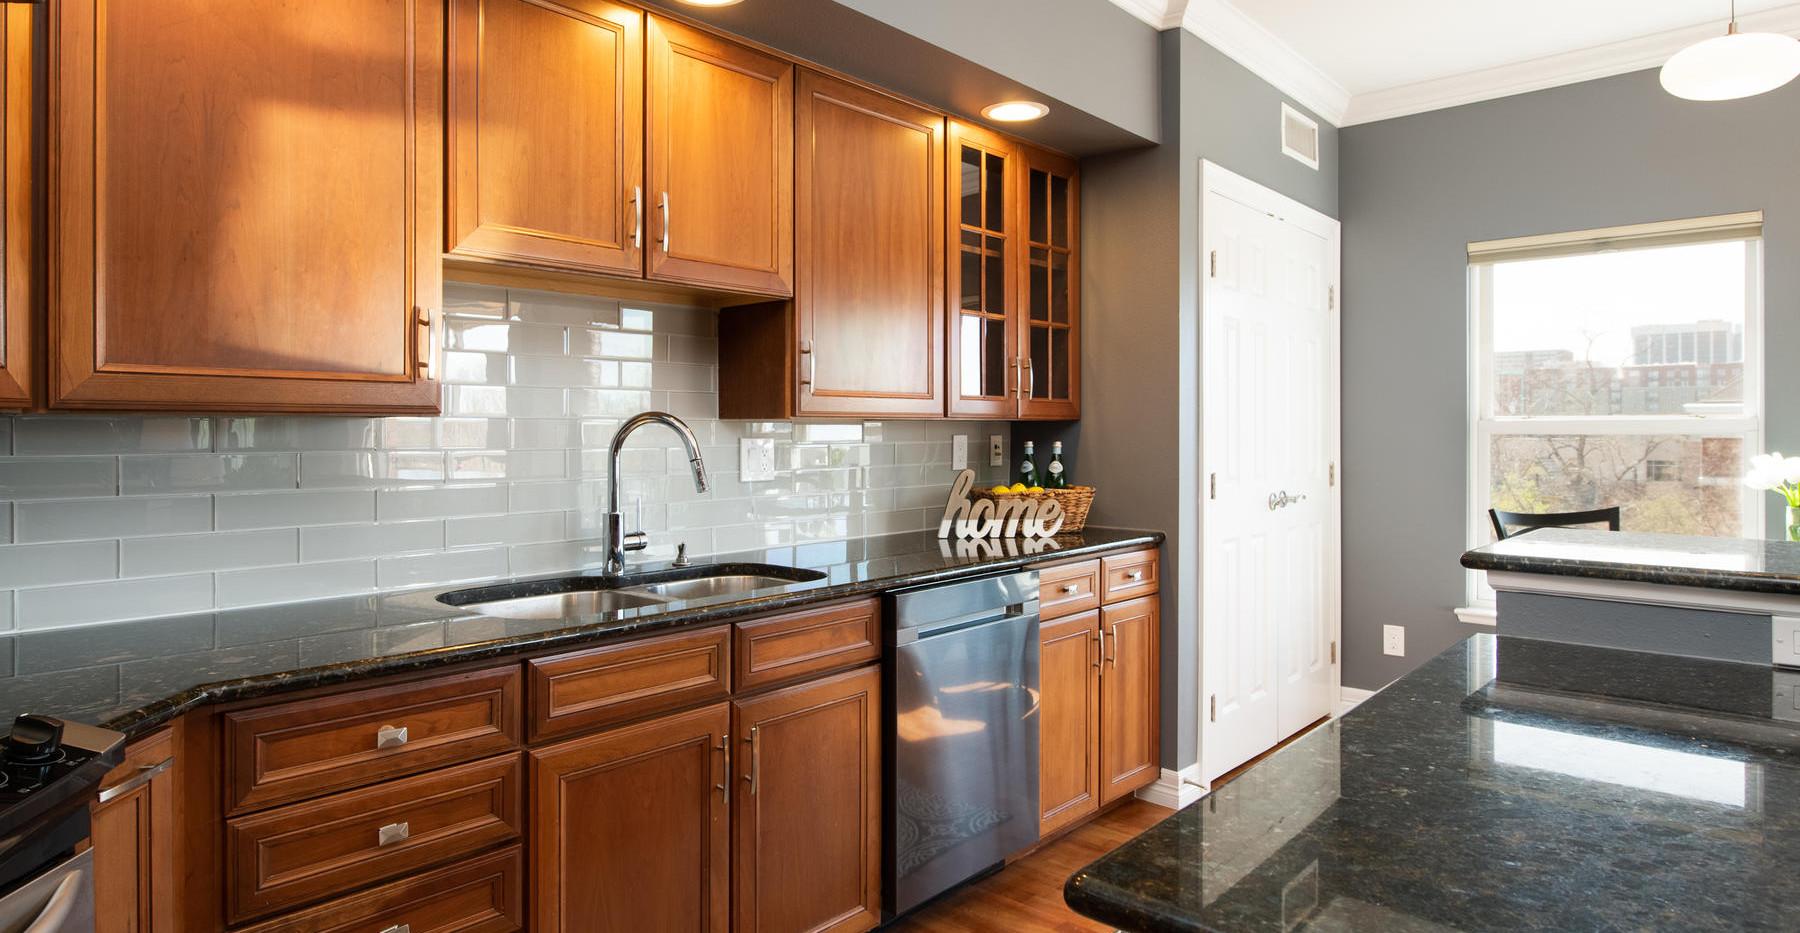 920 E 17th Avenue-038-045-Kitchen-MLS_Si